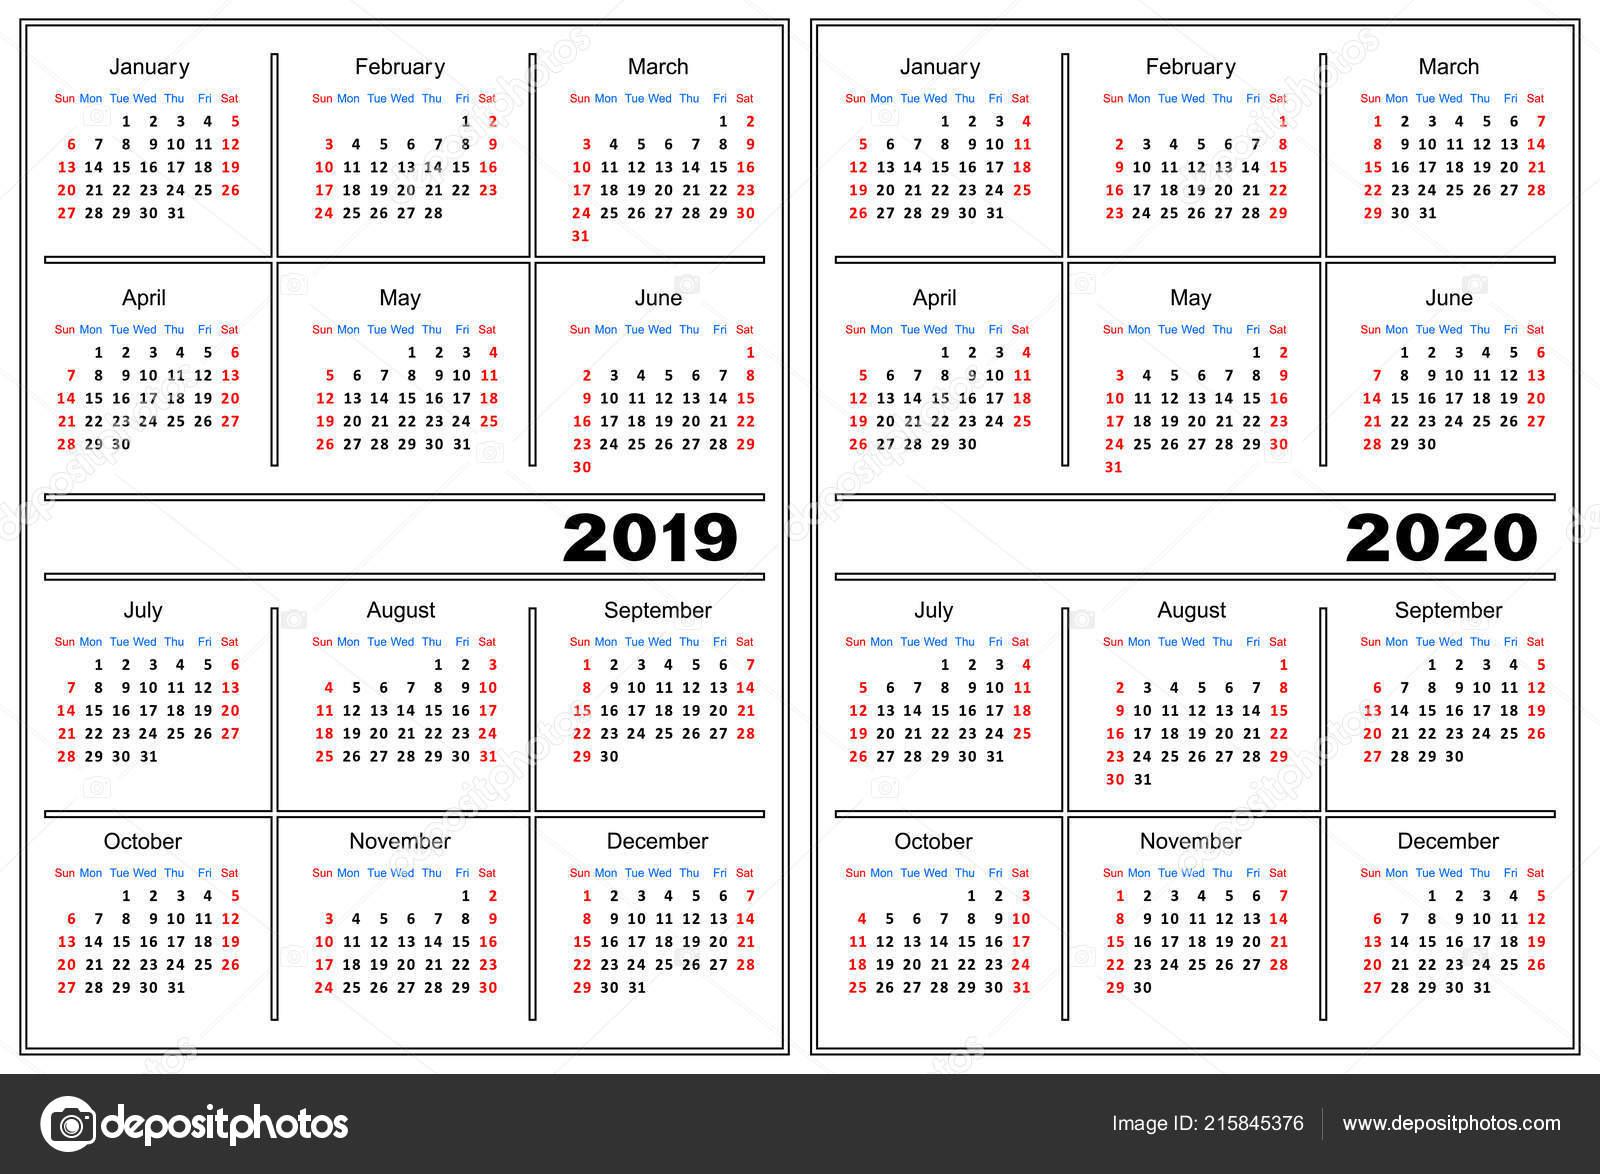 Modele Calendrier Couleur Blanche Calendrier Pour 2019 2020 Image Vectorielle Silantiy C 215845376